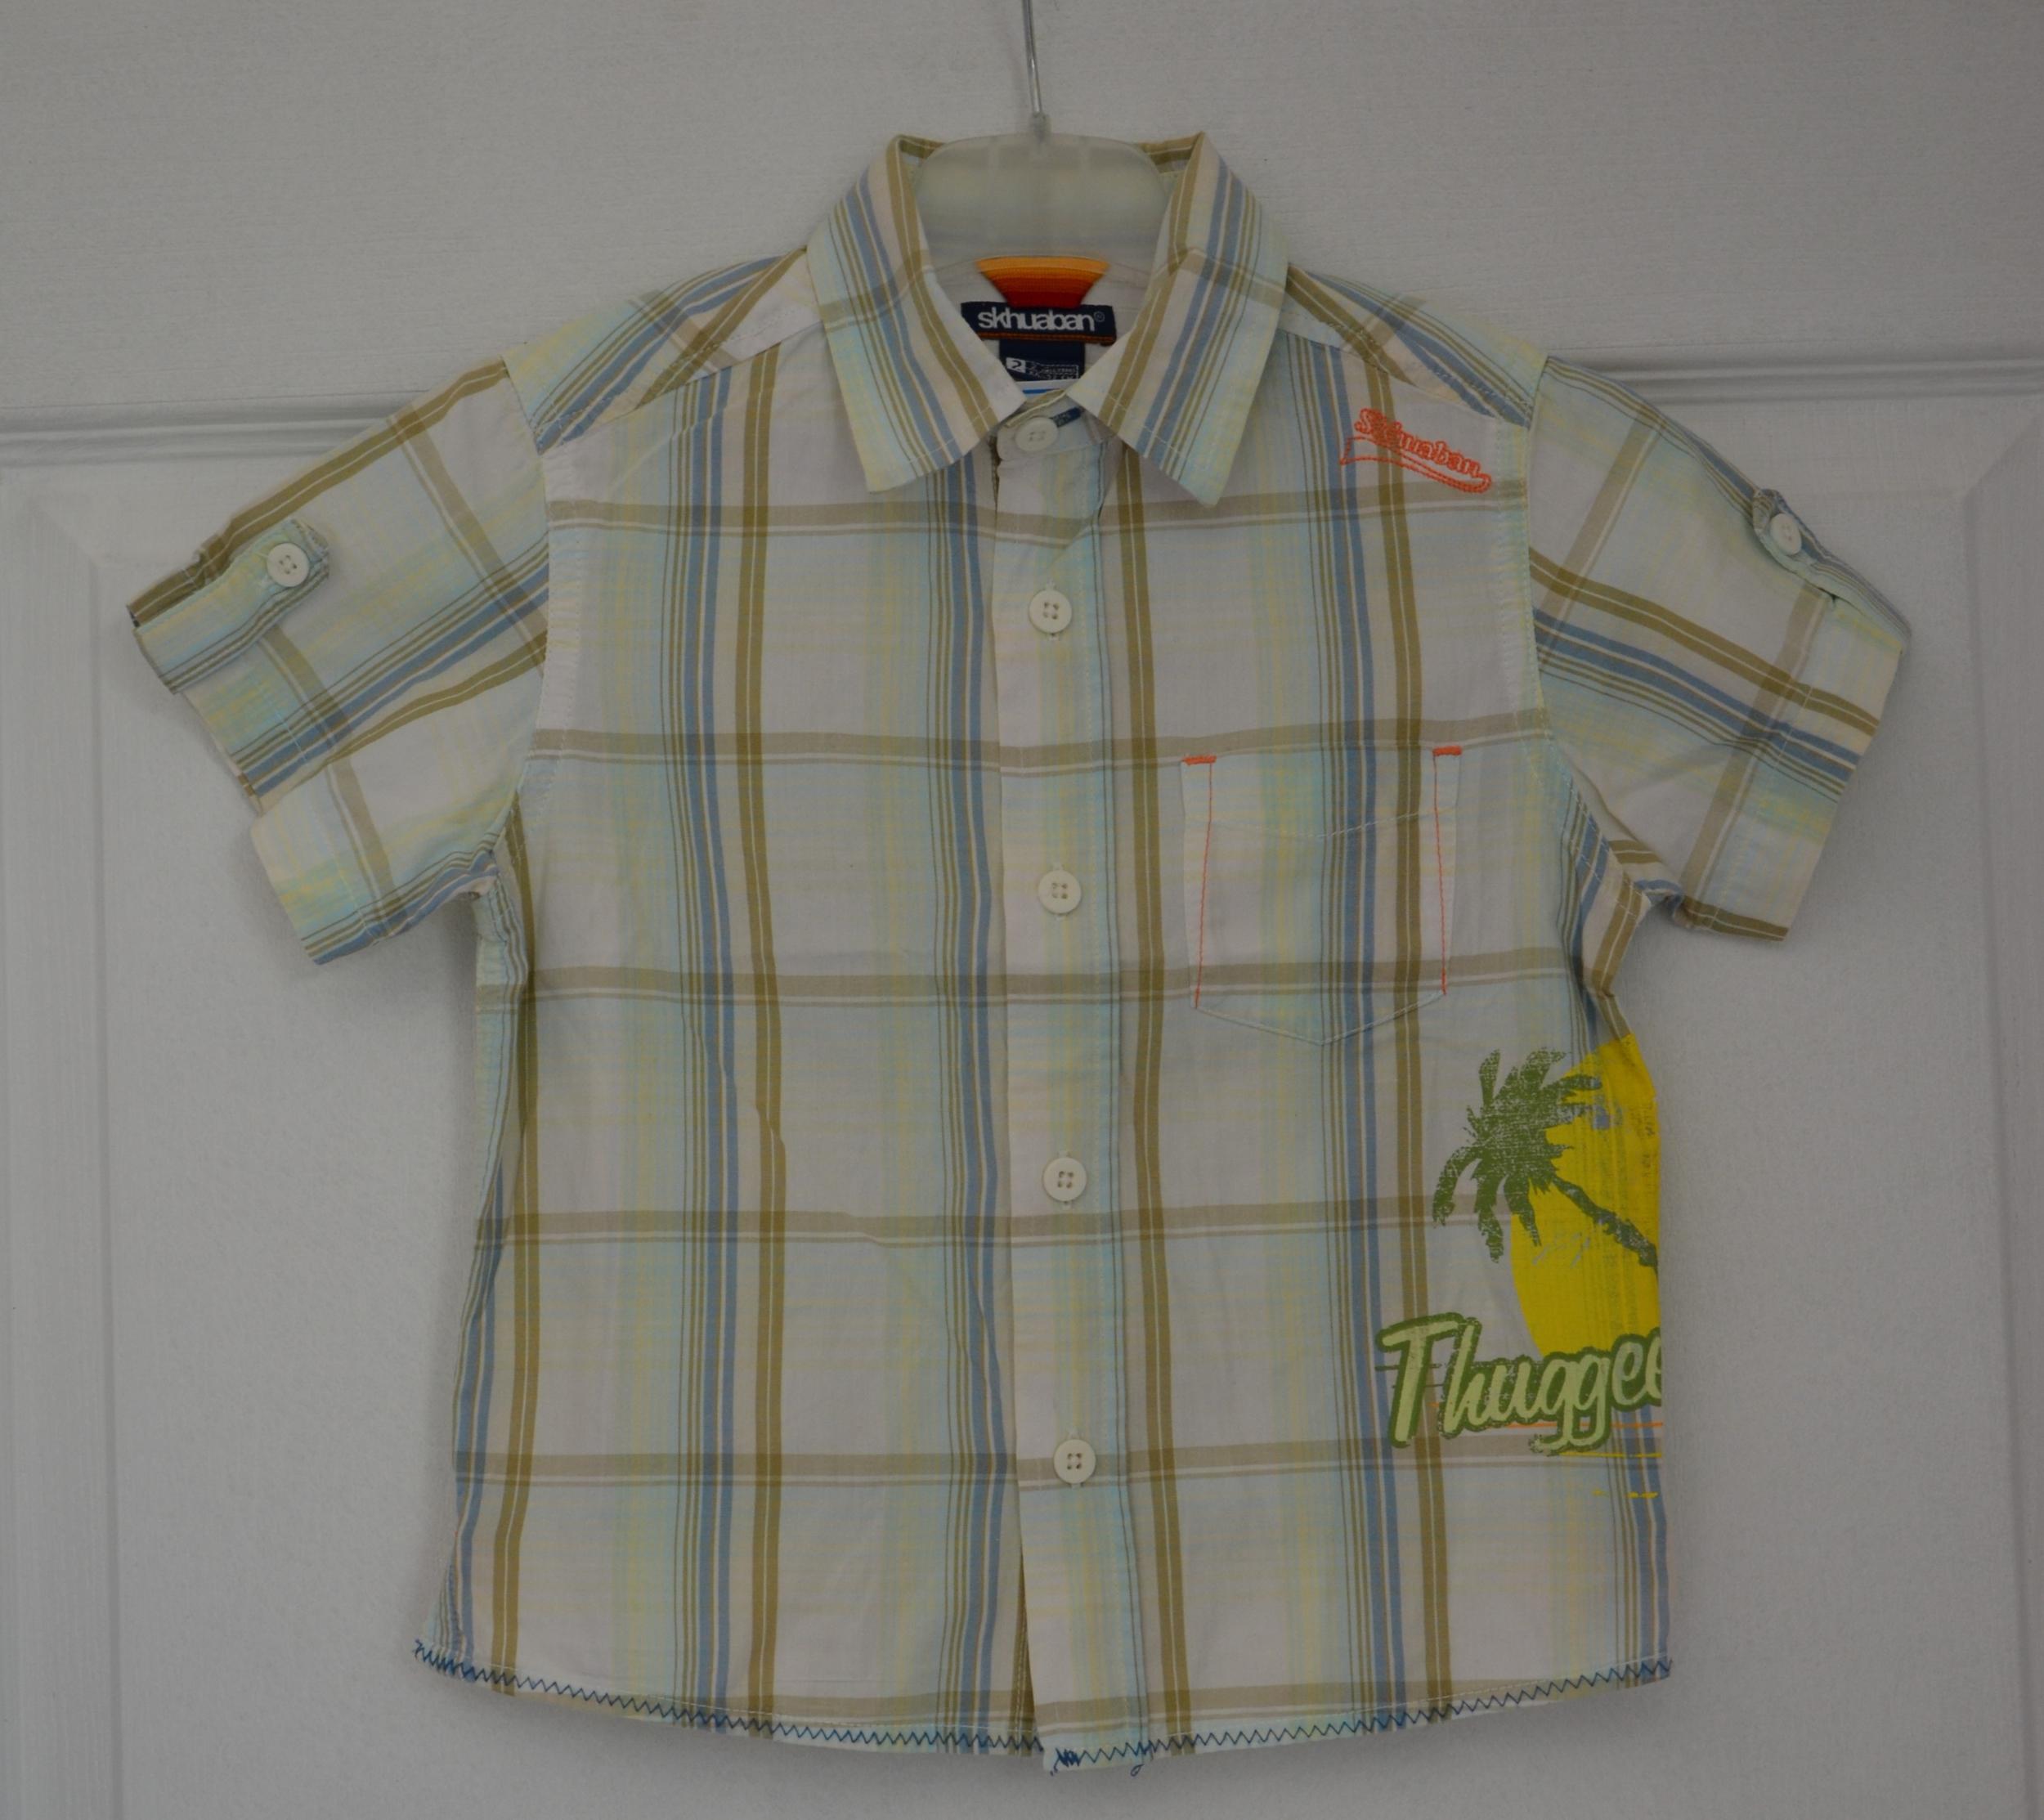 chemisette carreaux garçon 24 mois skhuaban